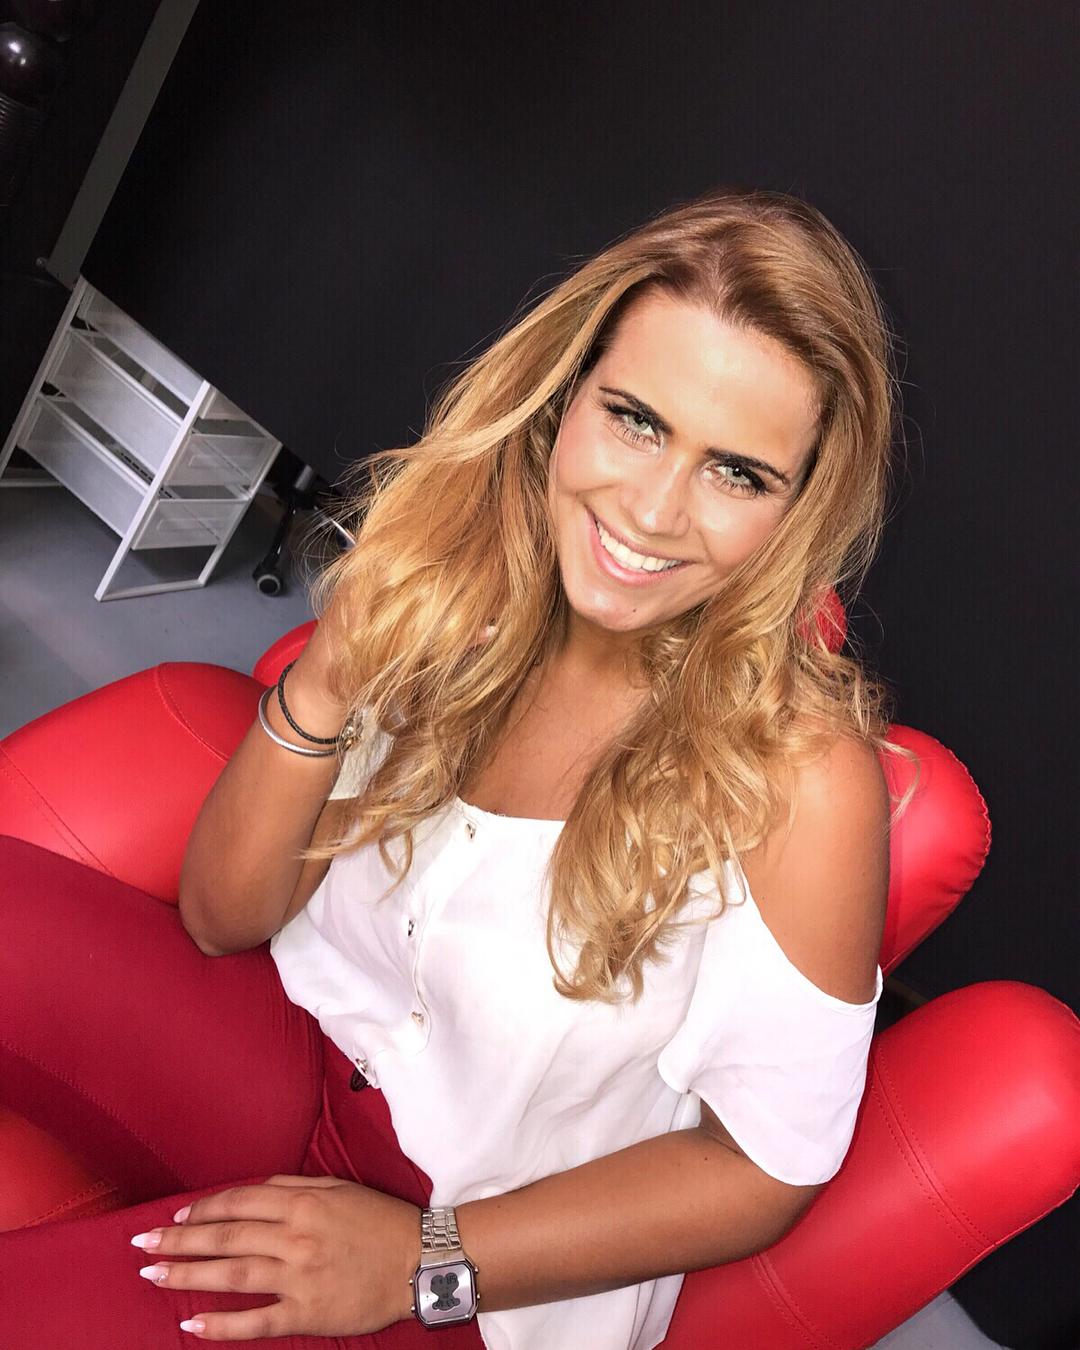 Carina Ferreira Casa Dos Segredos Carina Ferreira: &Quot;Reality Show Não Estraga A Imagem De Ninguém&Quot;